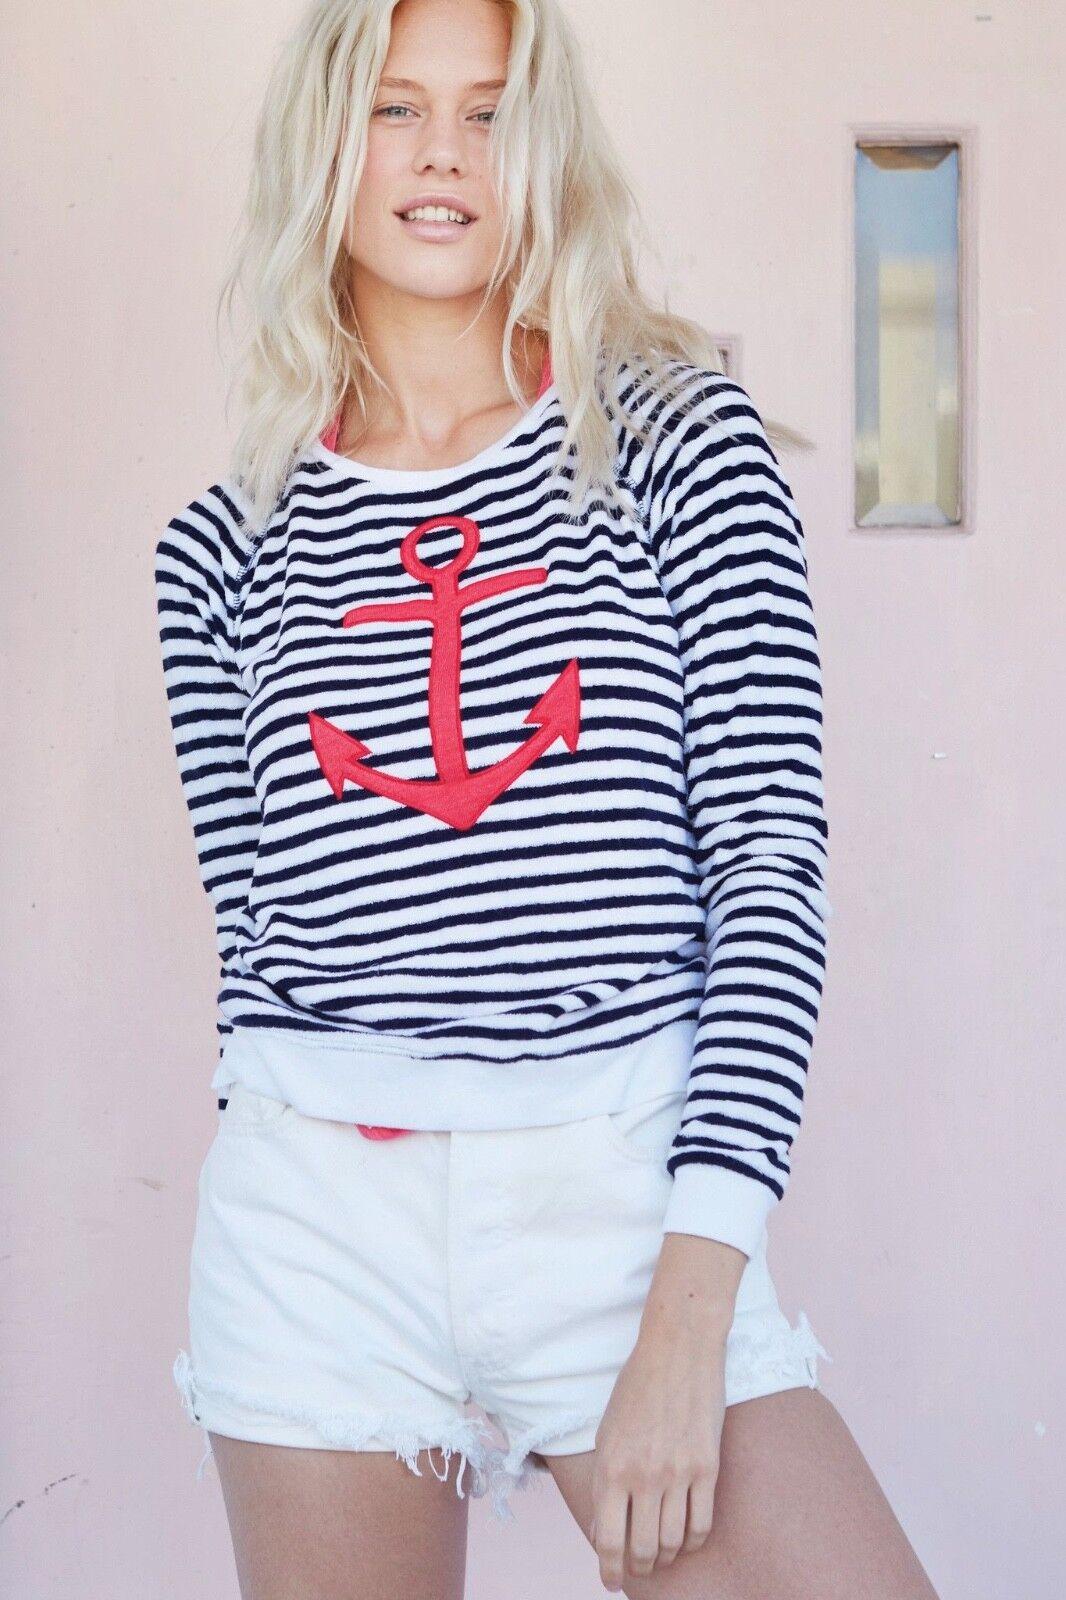 SUNDRY Anchor Sweatshirt Shirt in Weiß Navy Rosa Größe 2 M